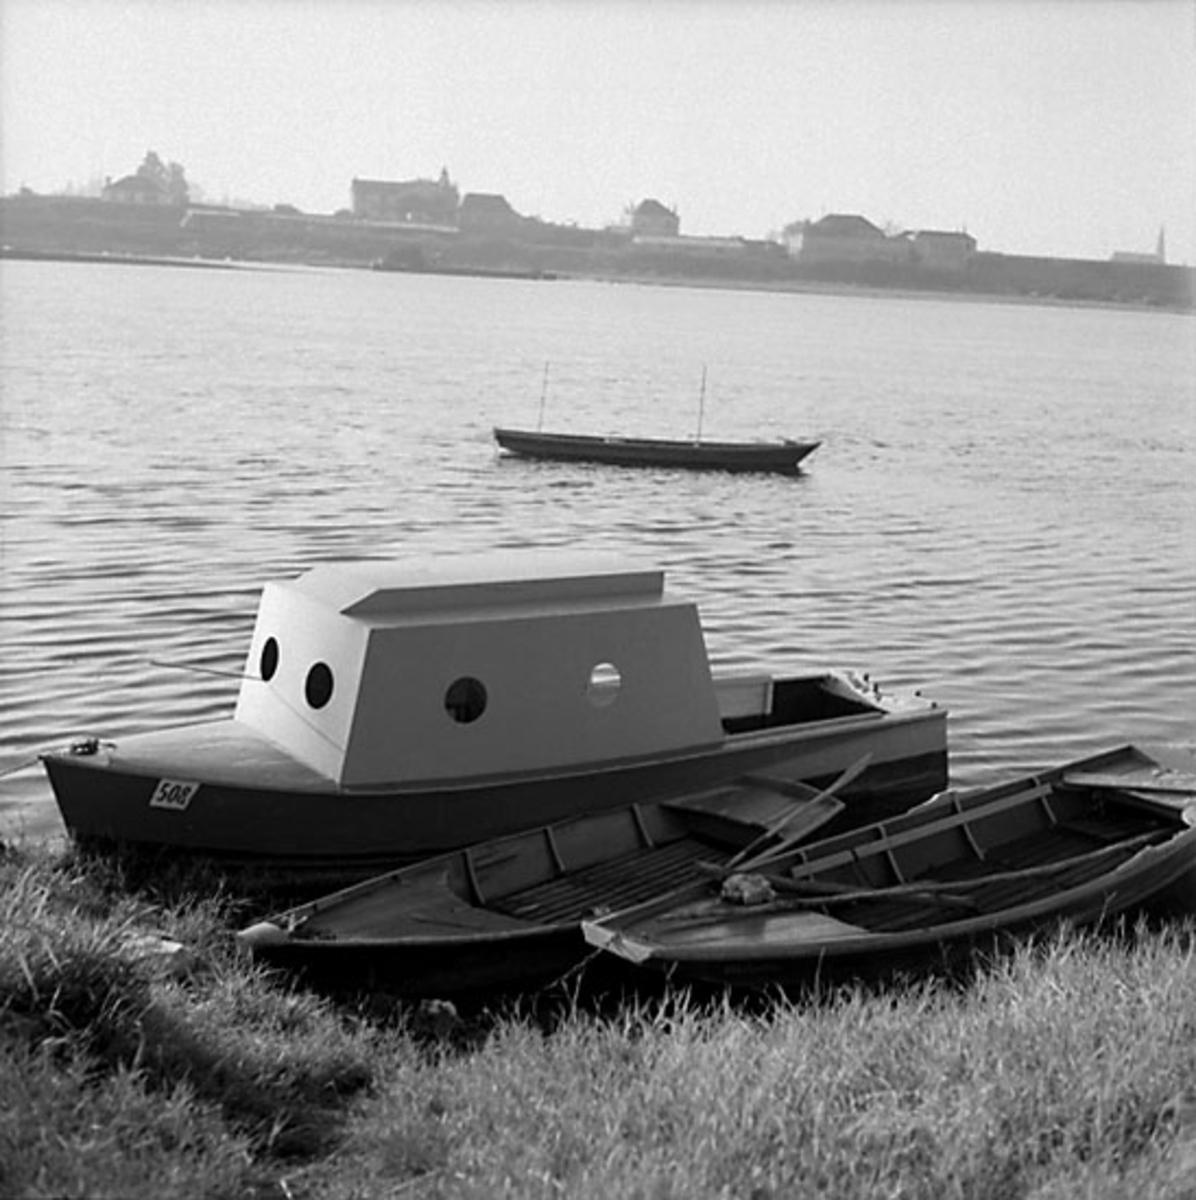 2. Nederländerna, Frankrike. Foto journal finns på B.M.A. + fotoalbum. Samtidigt förvärv: Böcker och arkivmaterial. Foton tagna mellan 1959-10-12. och 1959-10-16. 12 Bilder i serie.